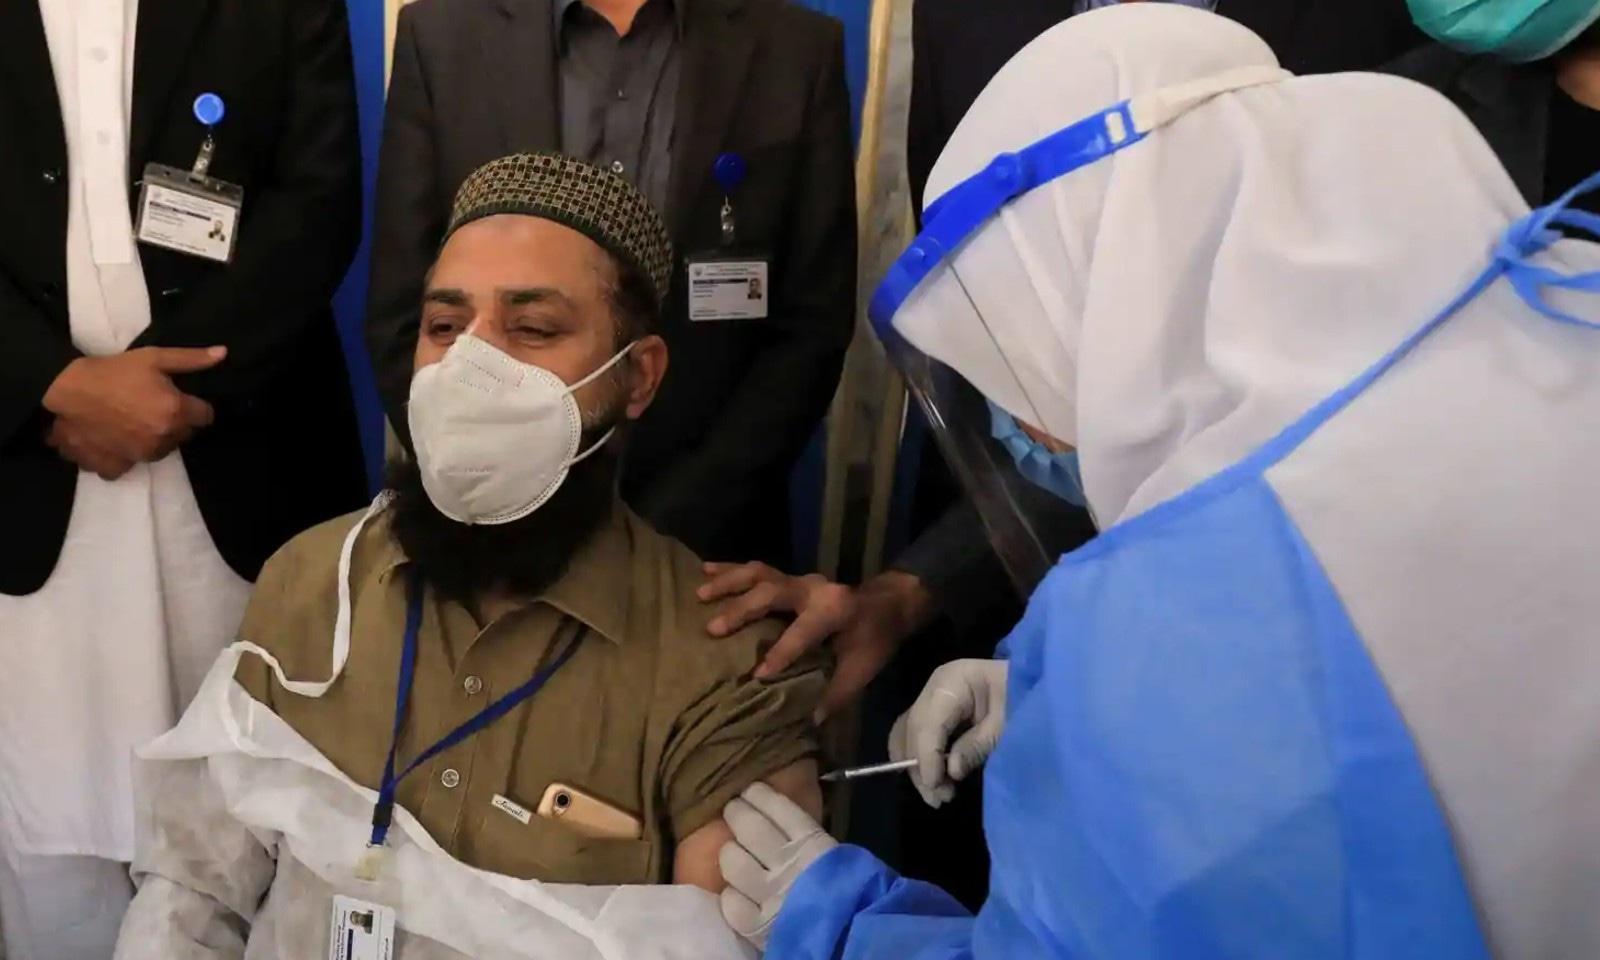 پشاور میں ایک فرد کو ویکسین لگائی جارہی ہے — رائٹرز فوٹو